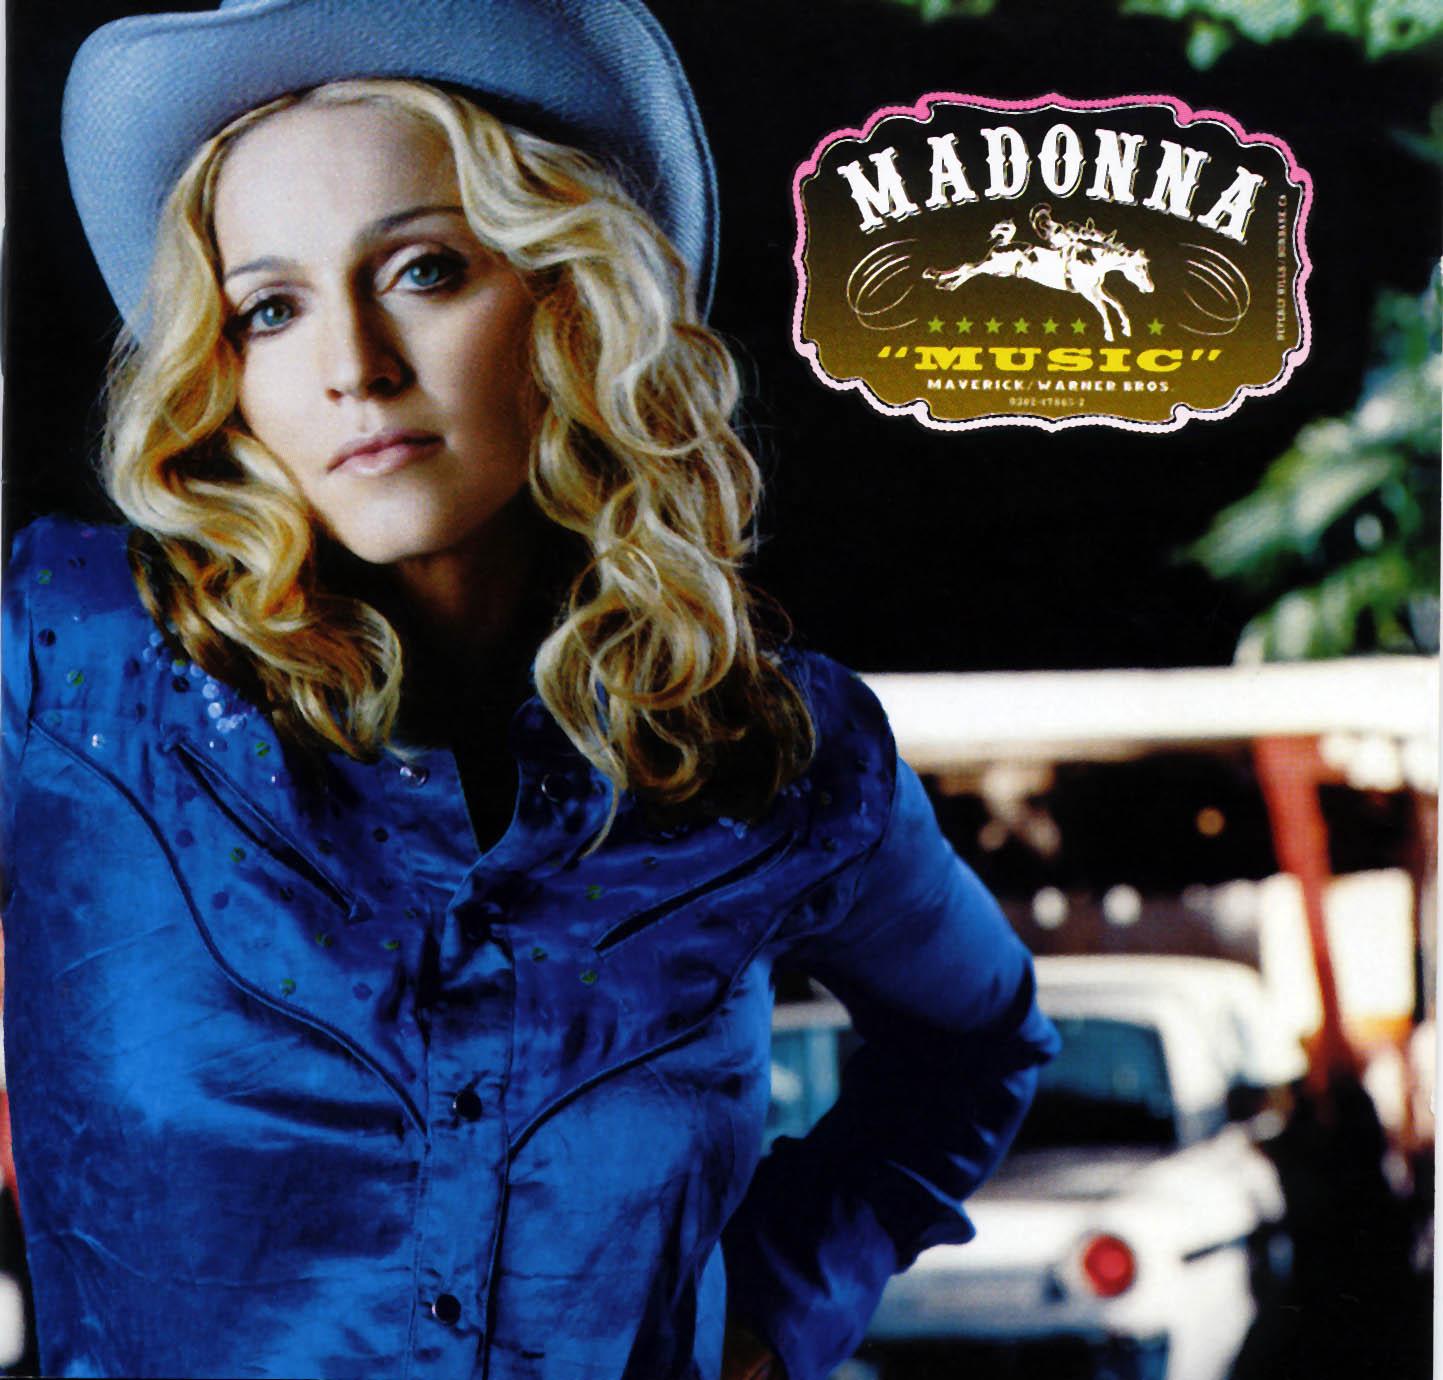 http://2.bp.blogspot.com/-4uKfIbZ-IW8/Tyy-12UoeGI/AAAAAAAABAE/hy76OjWLCaA/s1600/madonna-music-album-cd-cover.jpg